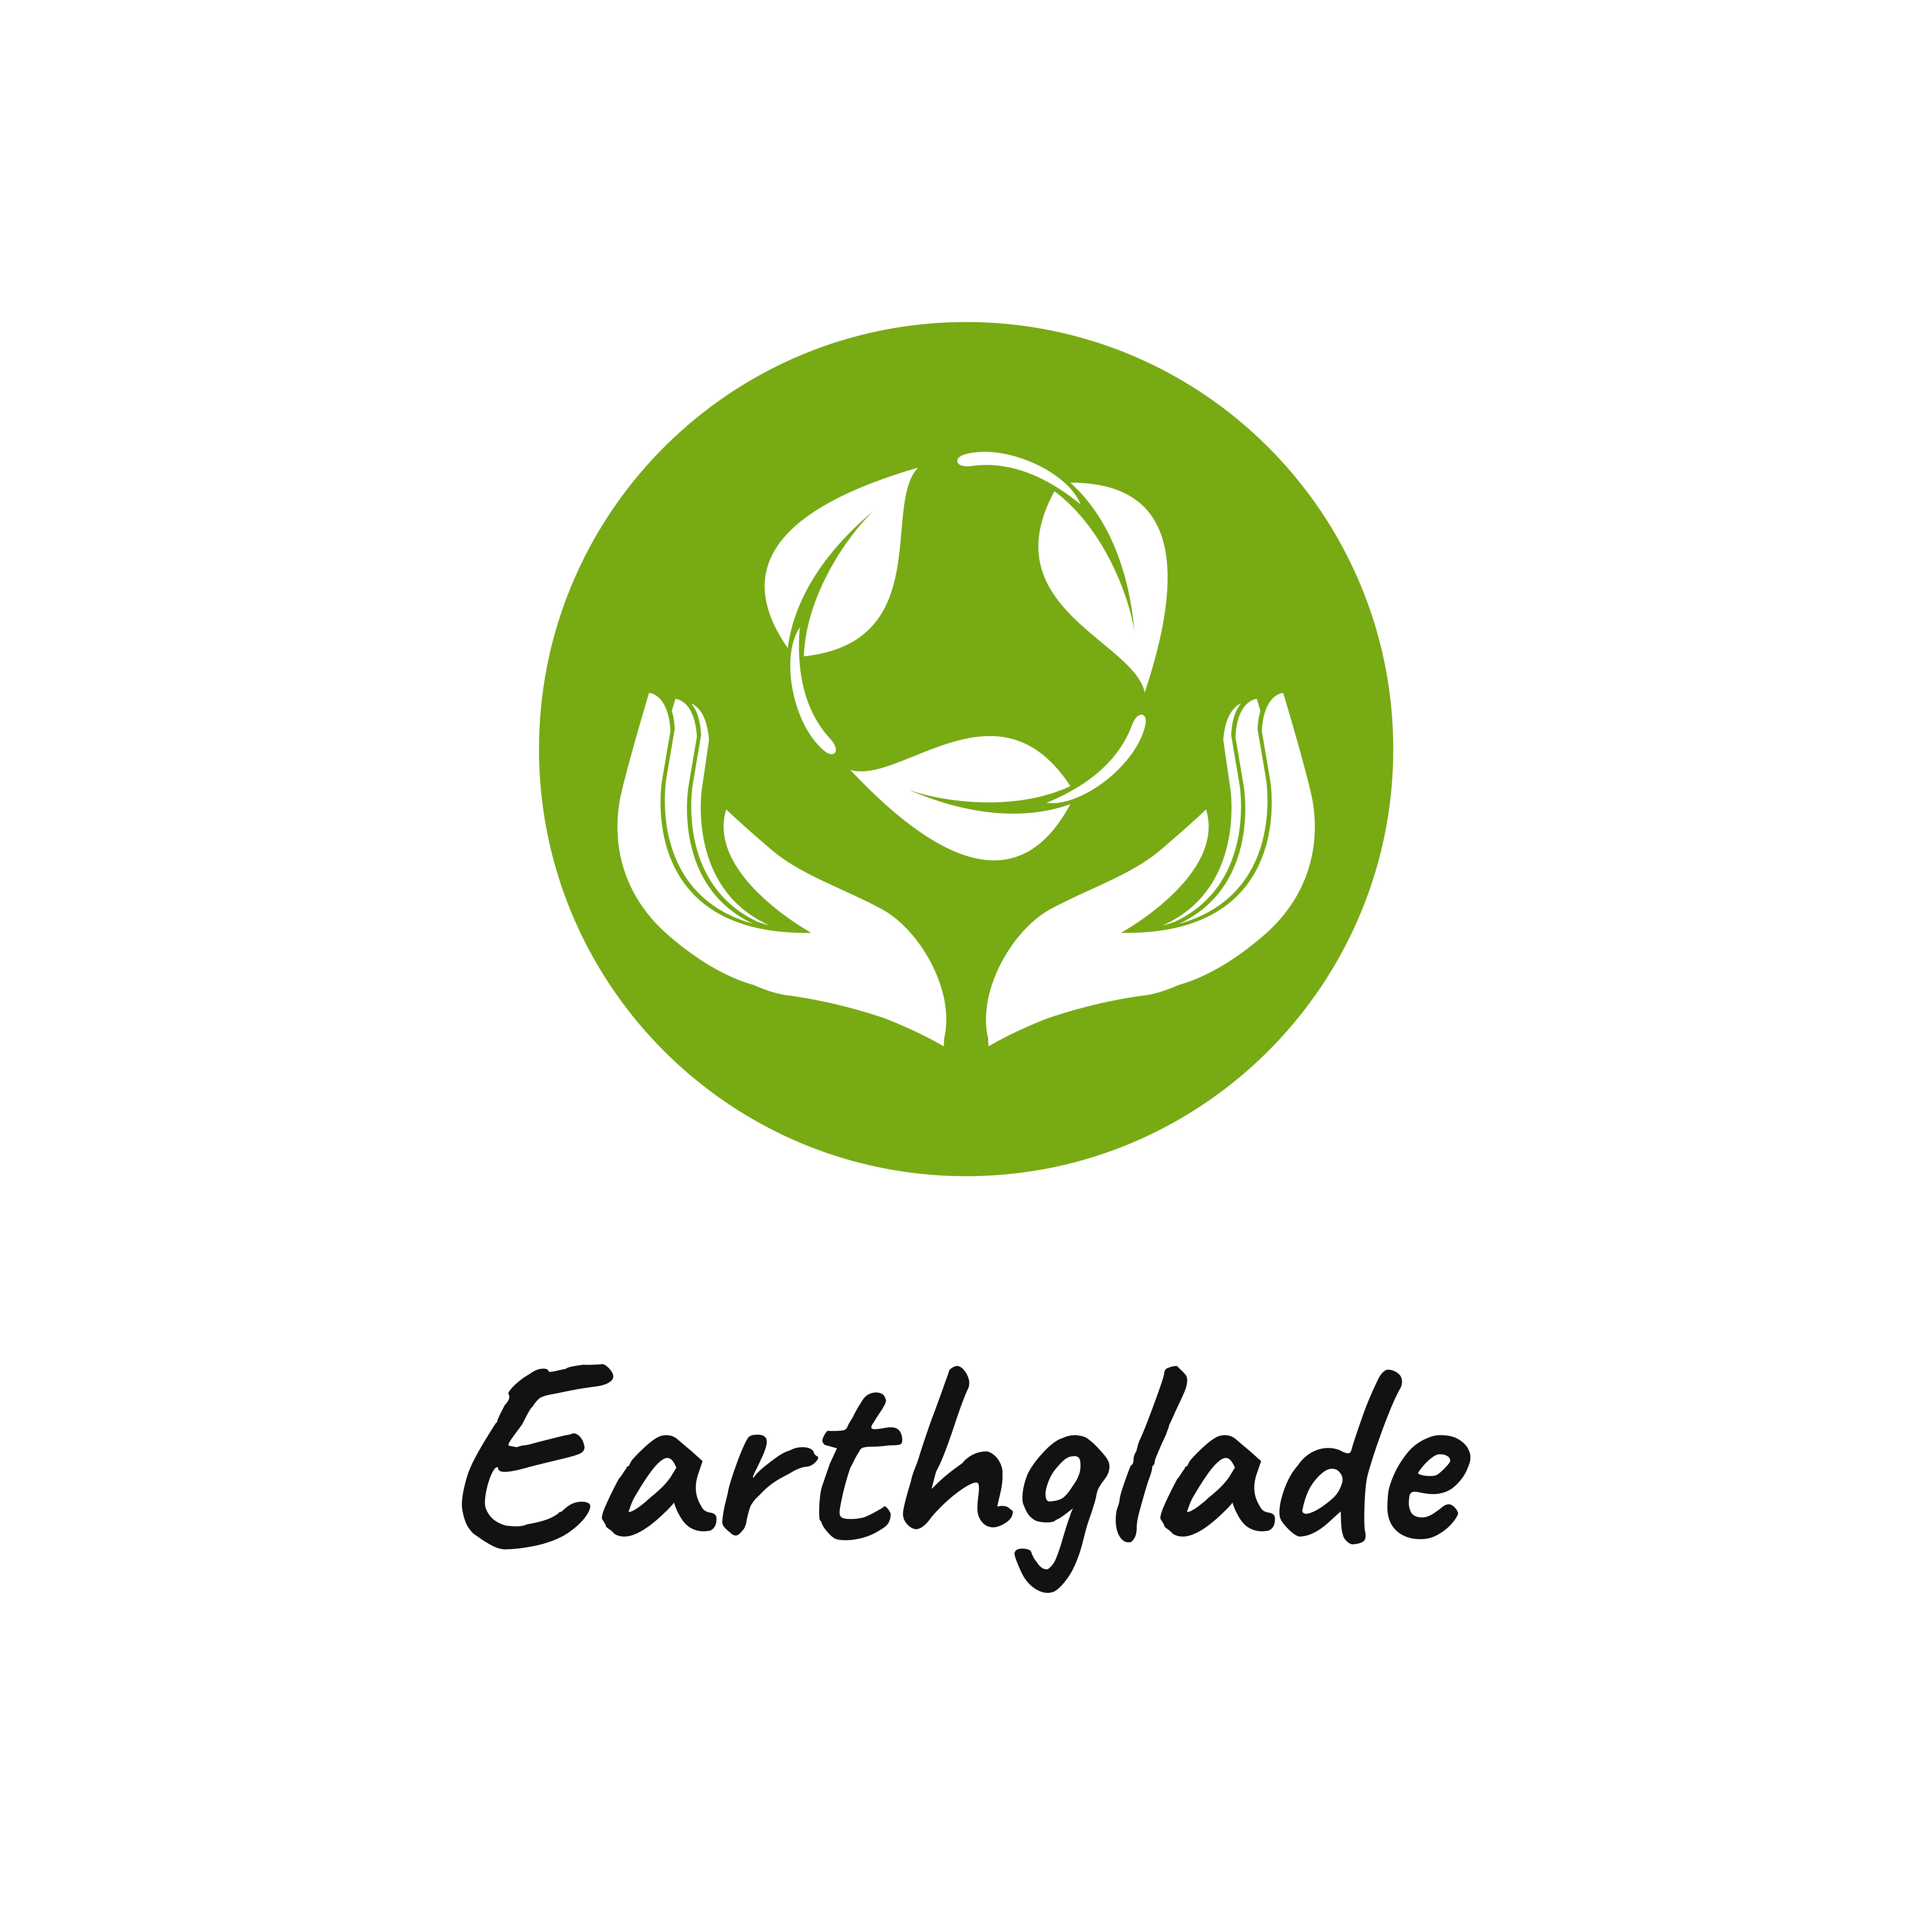 EARTHGLADE LTD